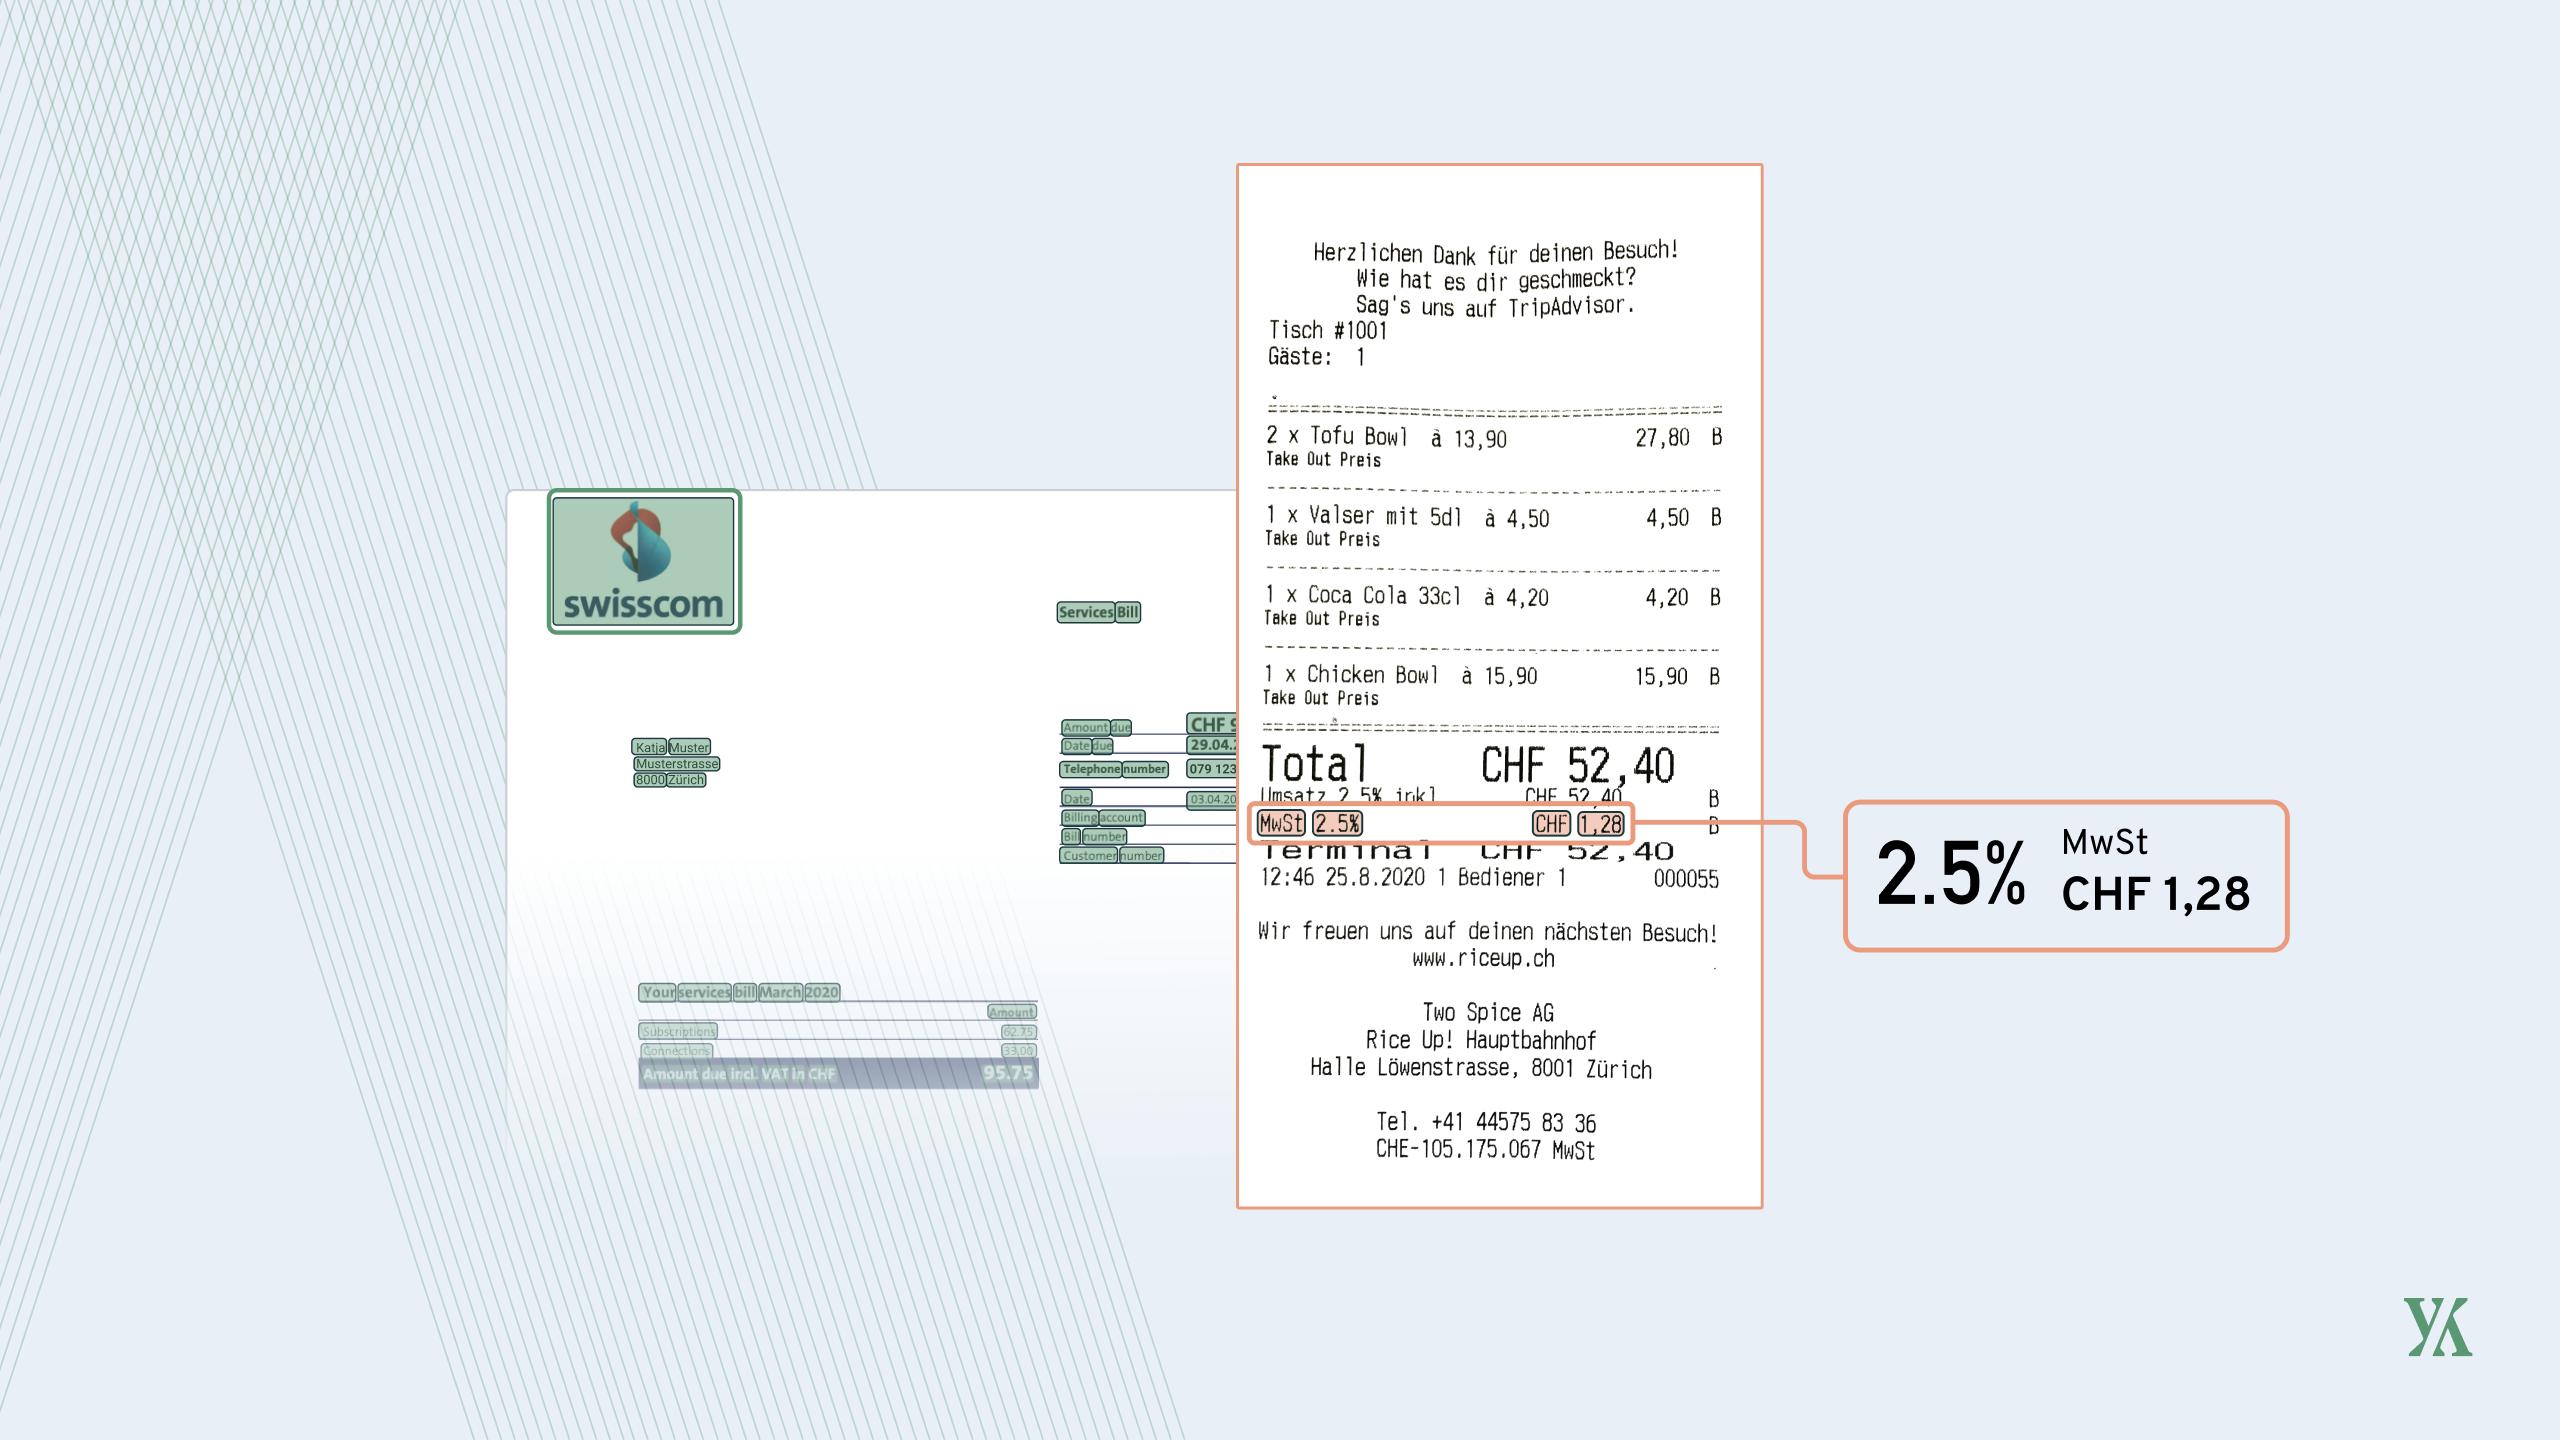 Ein Beleg mit hervorgehobener MwSt und einer Rechnung im Hintergrund